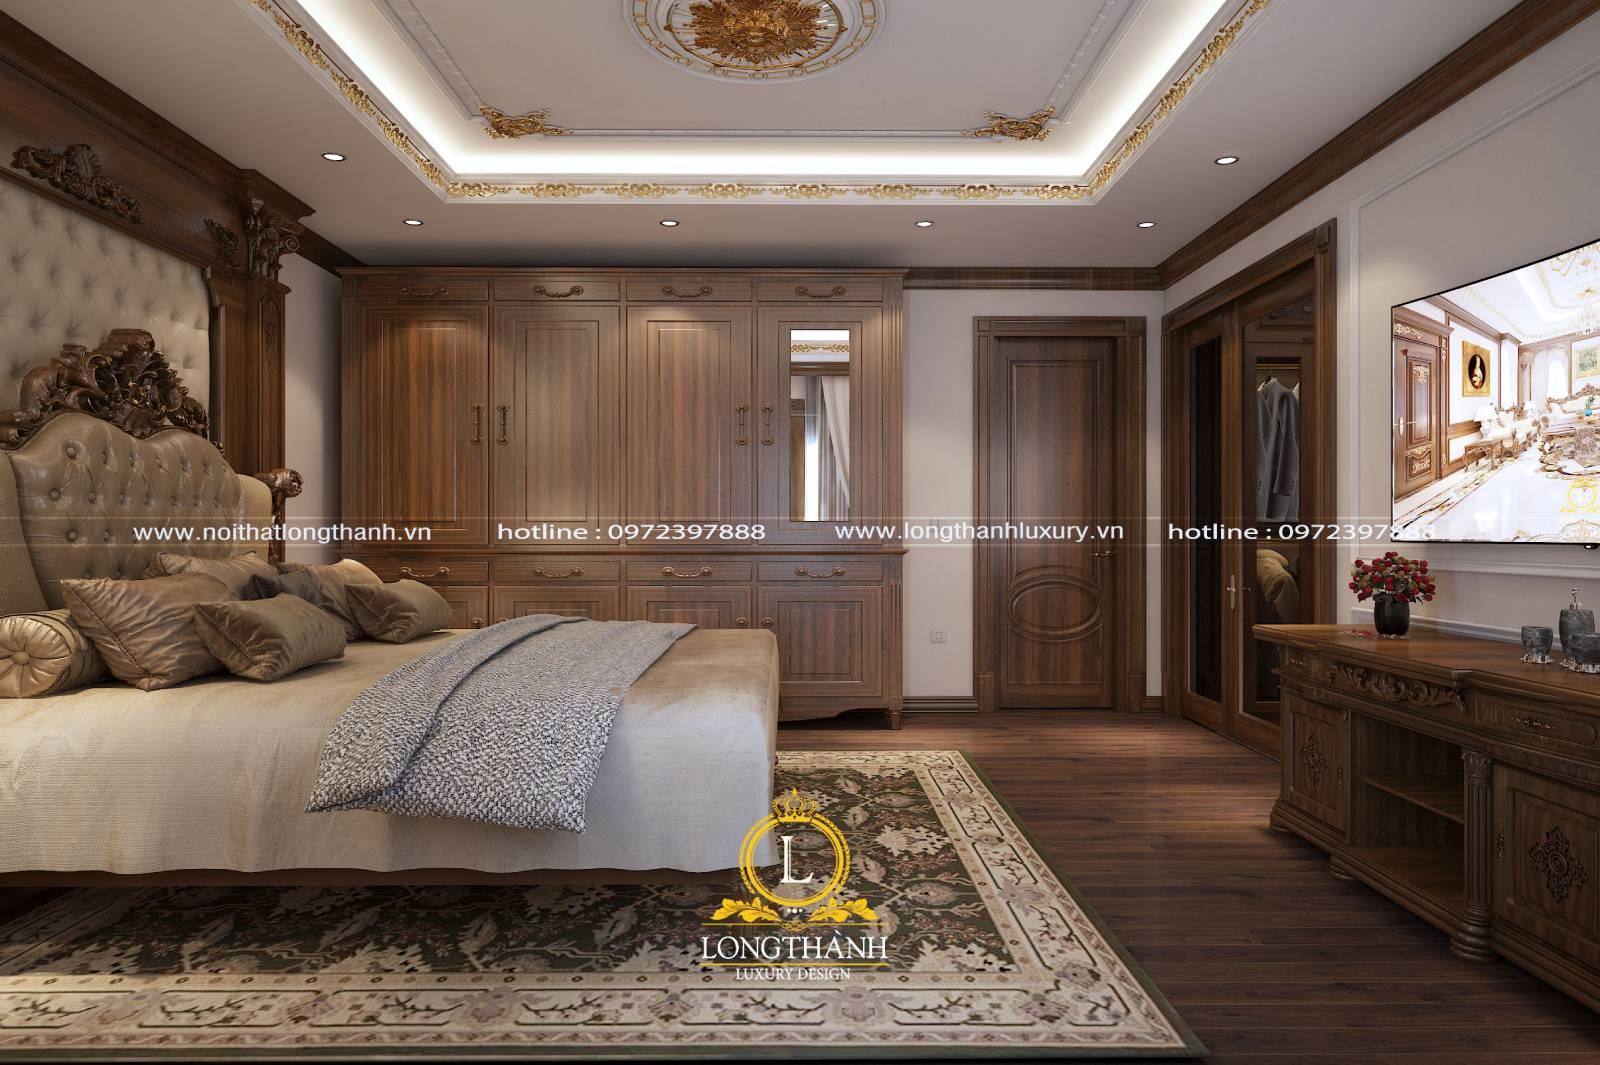 Mẫu tủ quần áo gỗ tự nhiên 4 cánh tân cổ điển cho phòng ngủ rộng